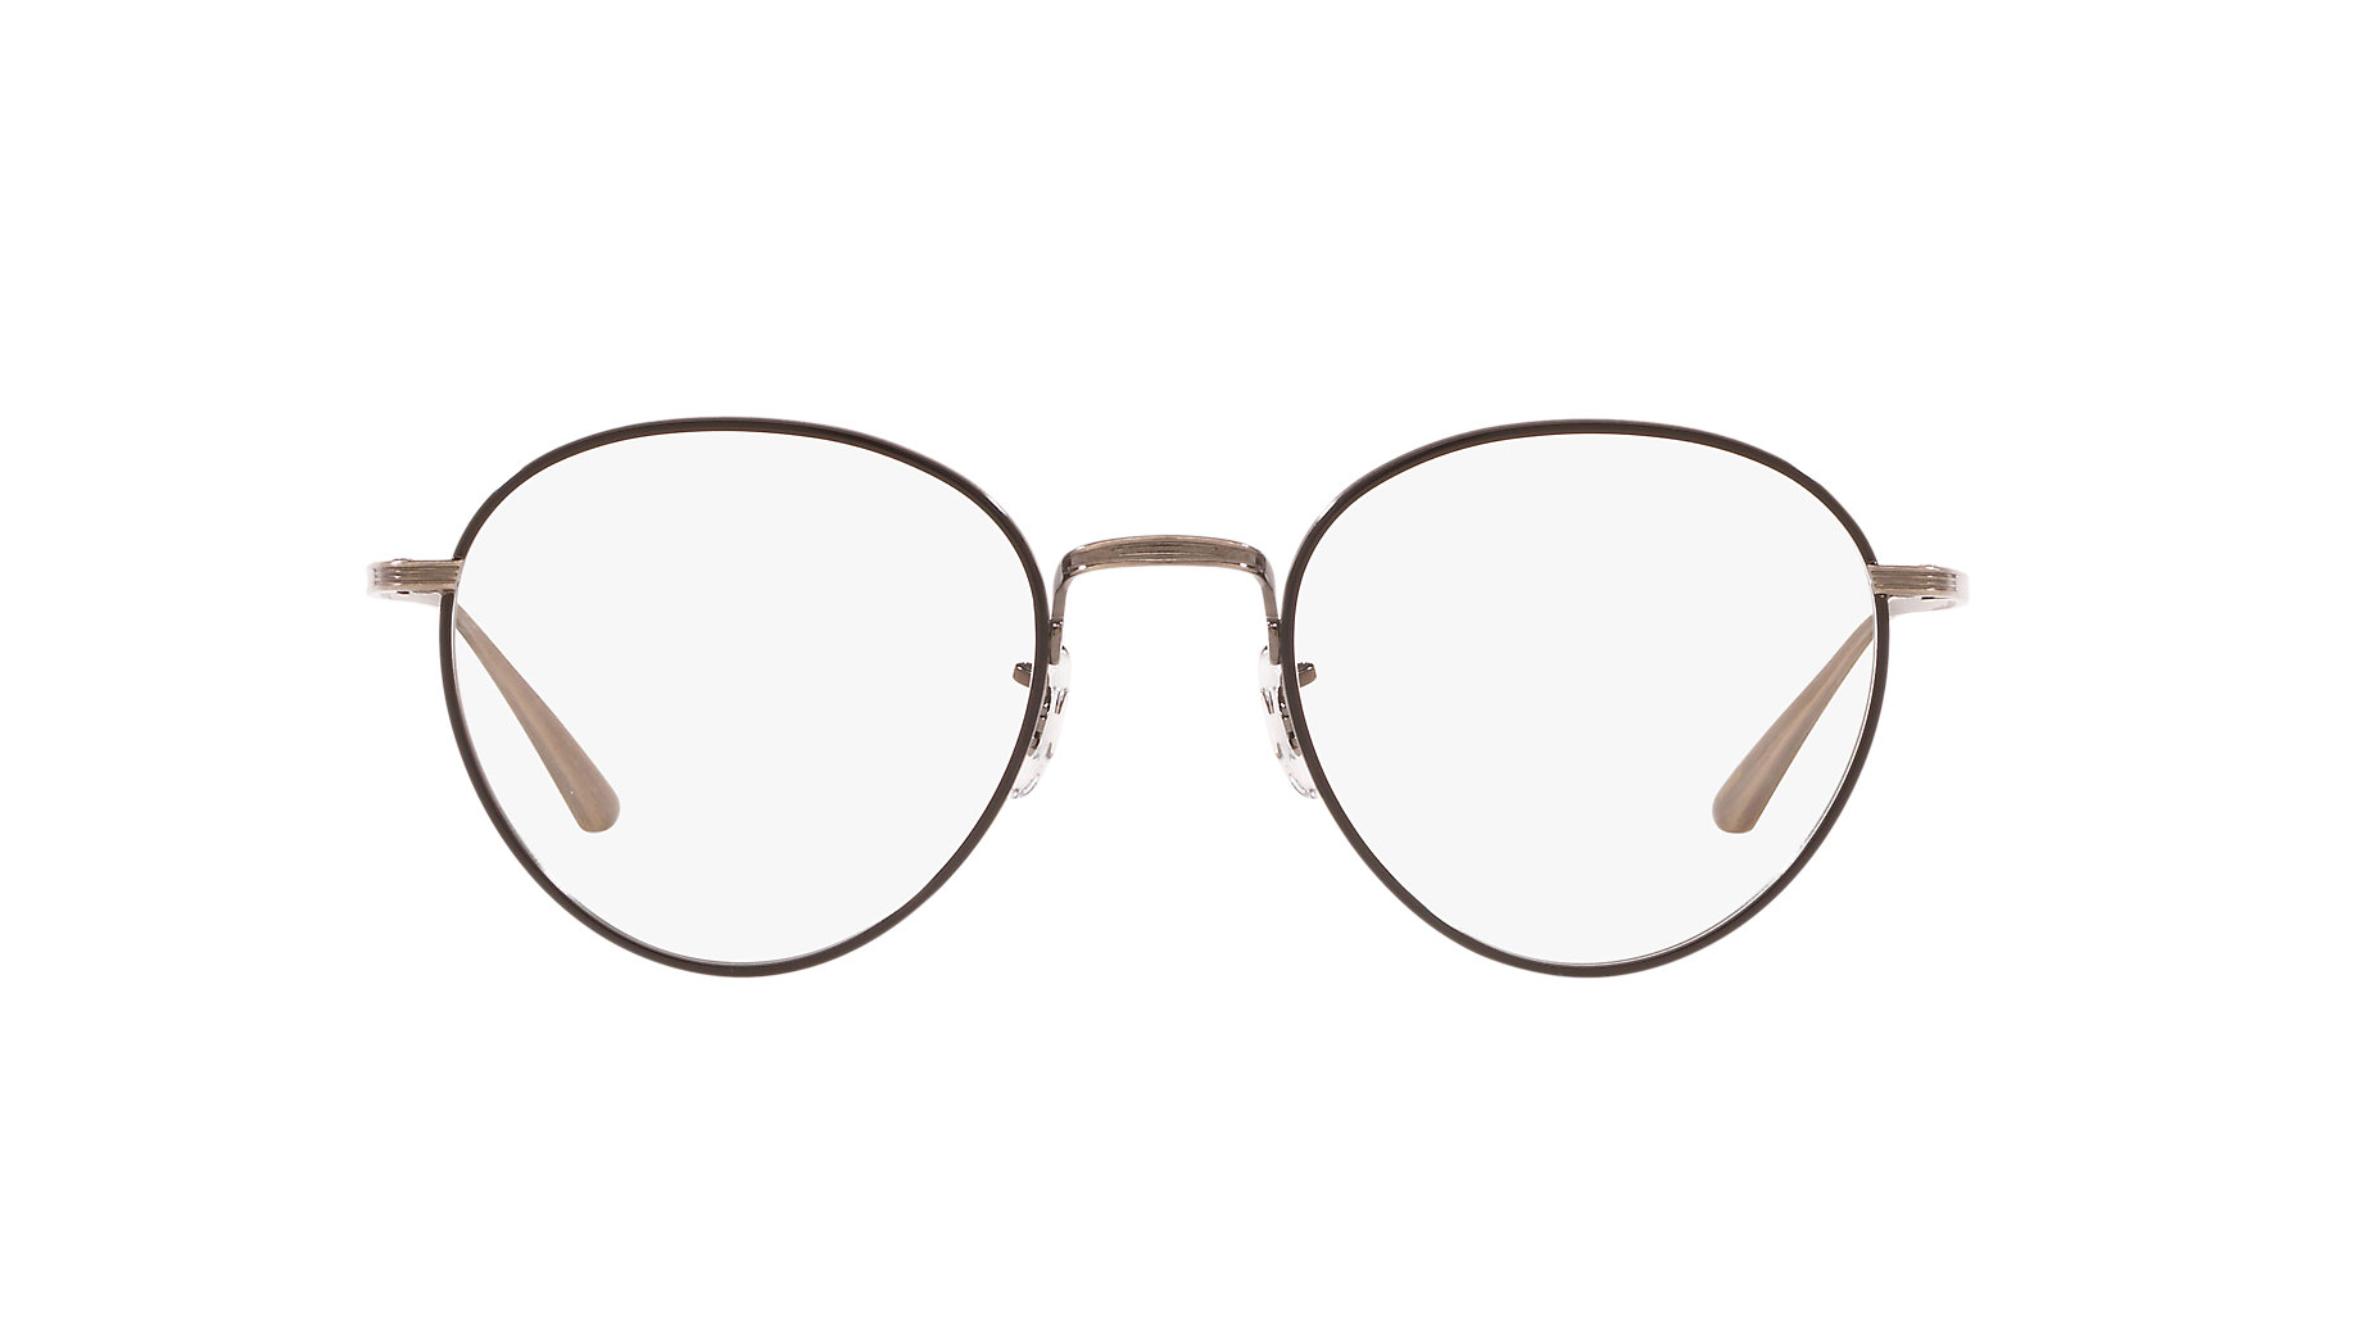 กรอบแว่นตา Oliver Peoples : The Row Brownstone